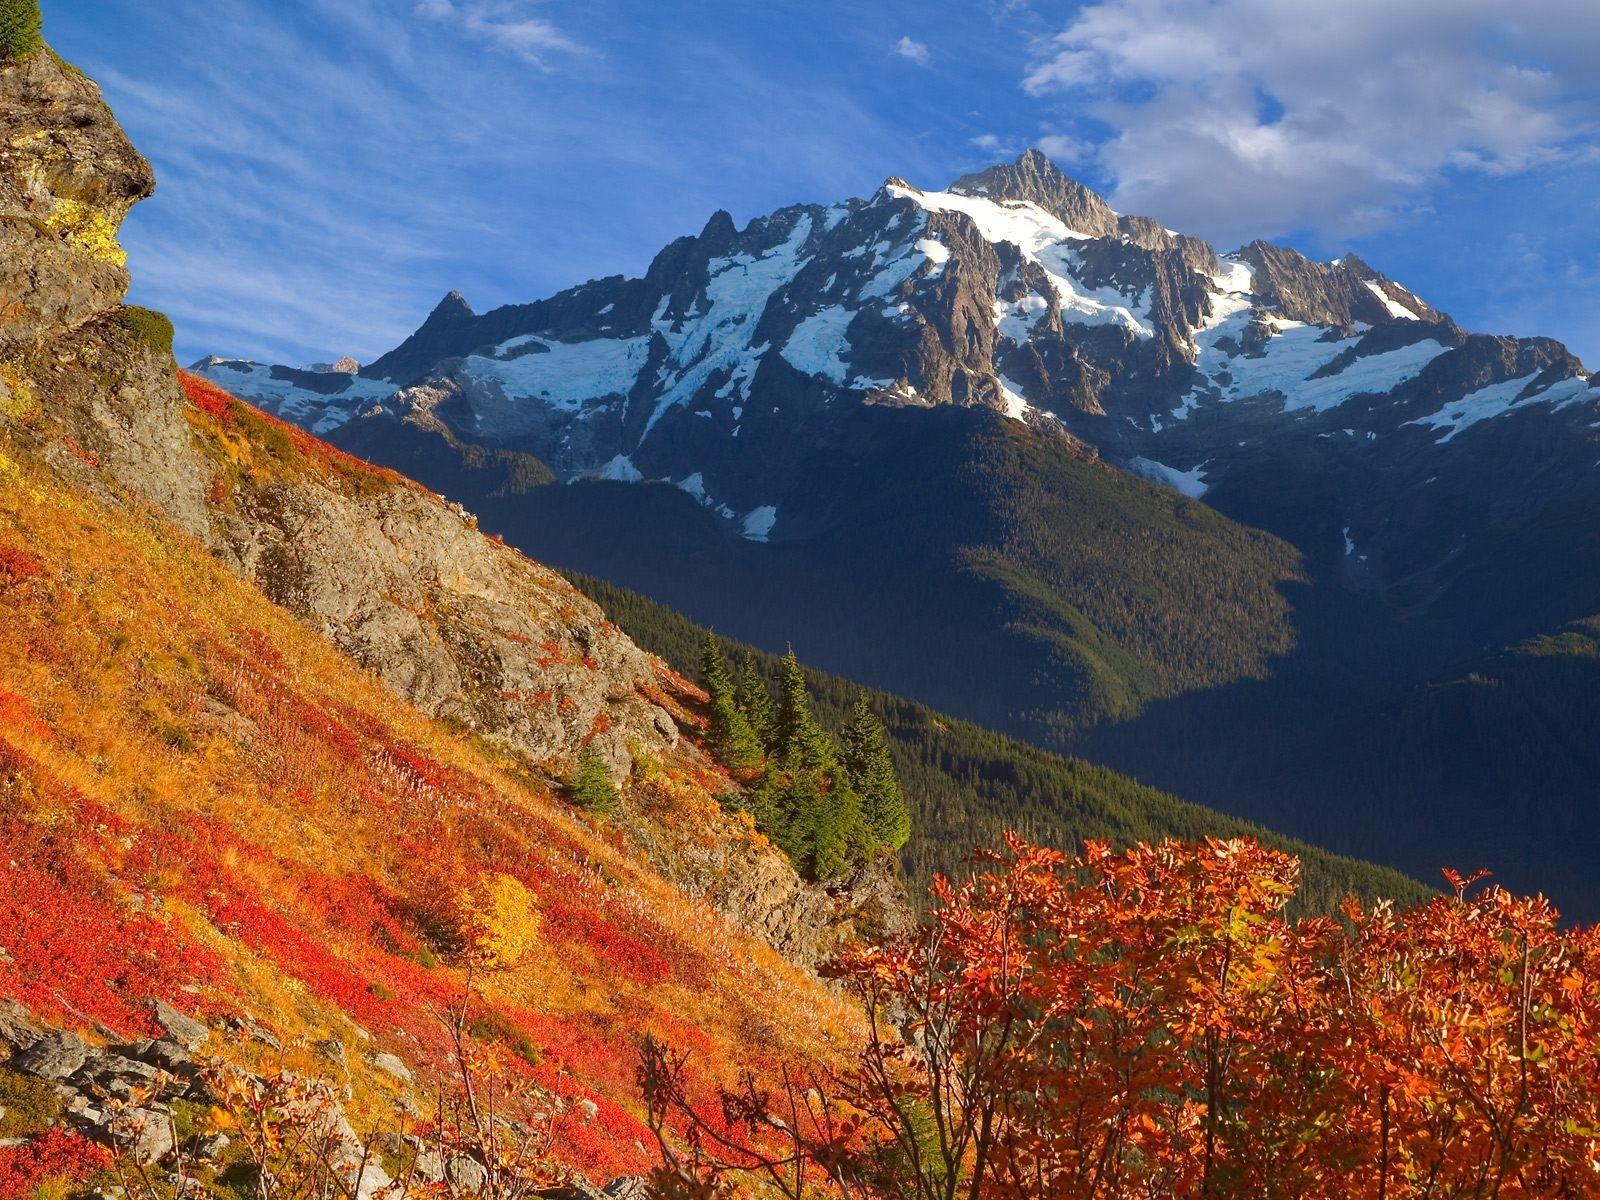 foto de Fond d écran hd : paysage de montagne Paysage montagne